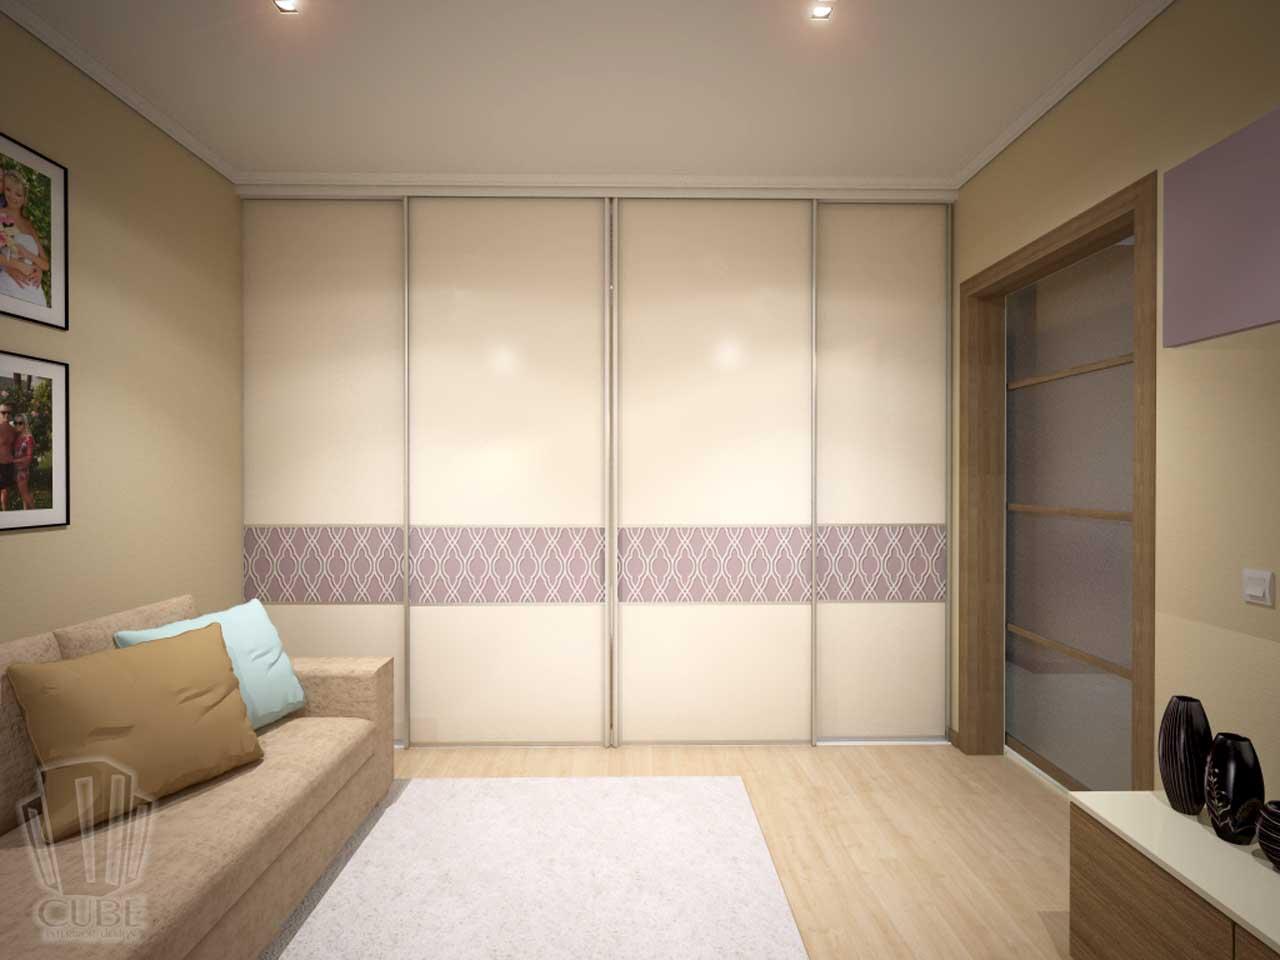 Дизайн-проект интерьера. Тюмень ул. Широтная д.158. Квартира для молодой семьи (13)